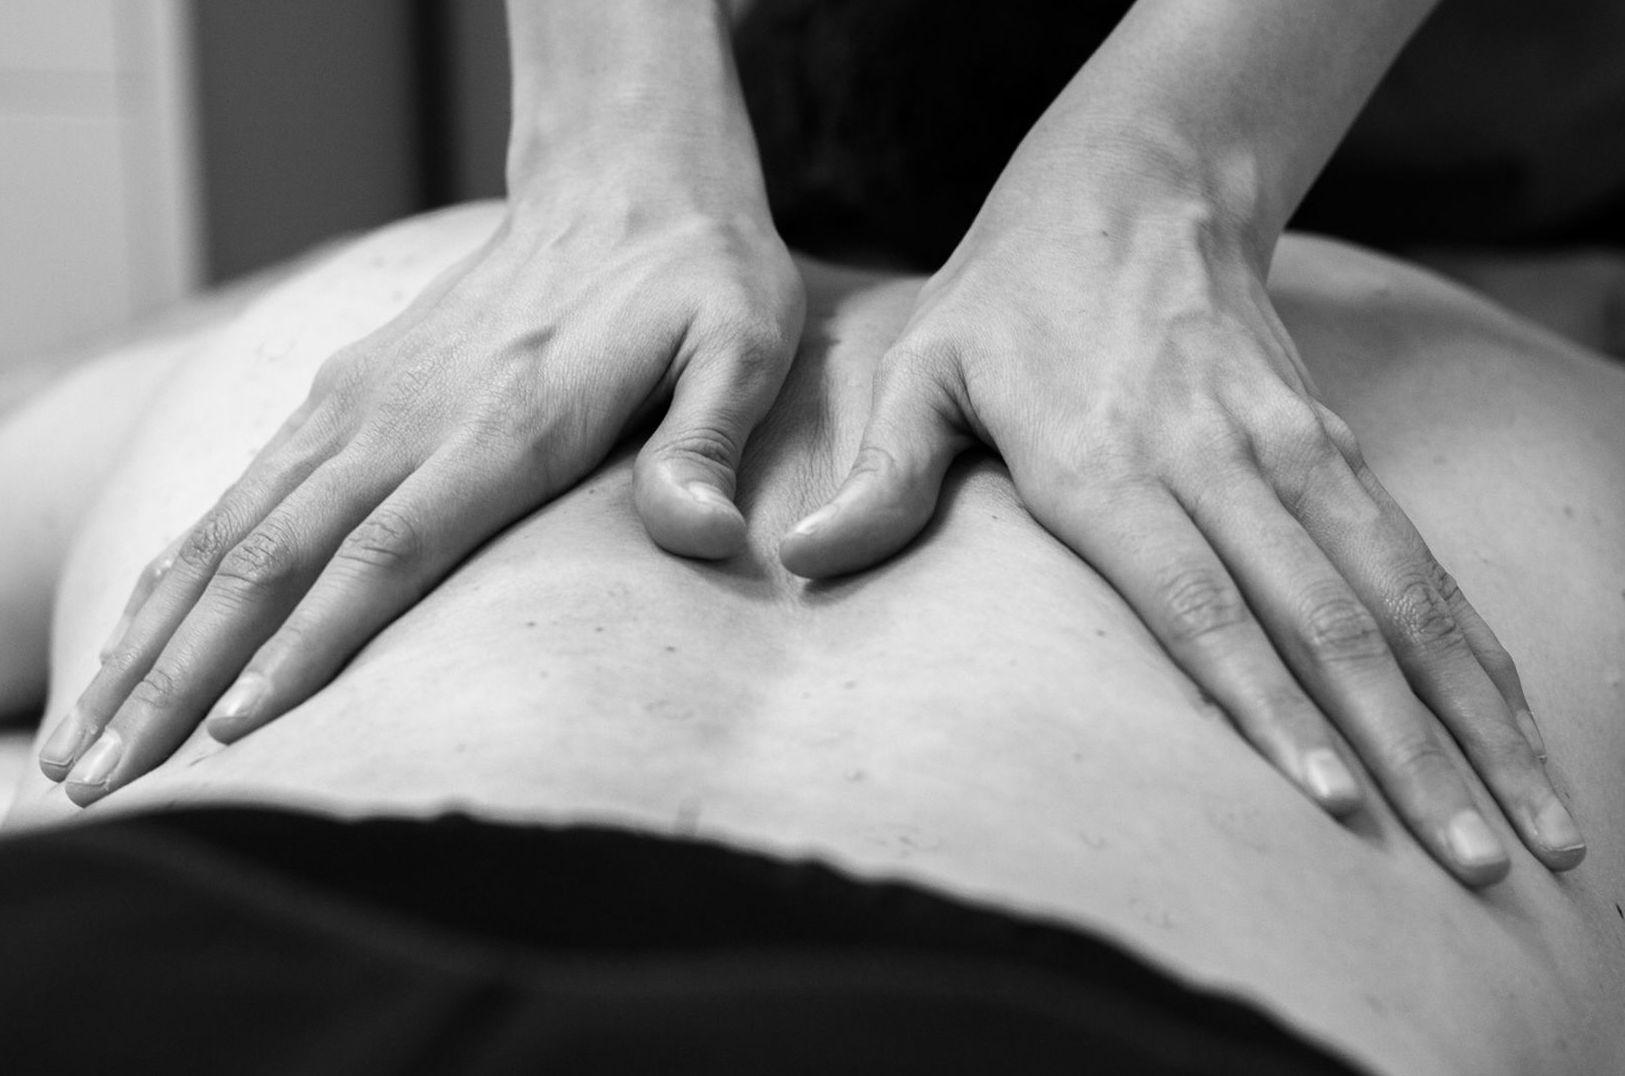 Cuatro cosas que esperar de un buen fisioterapeuta